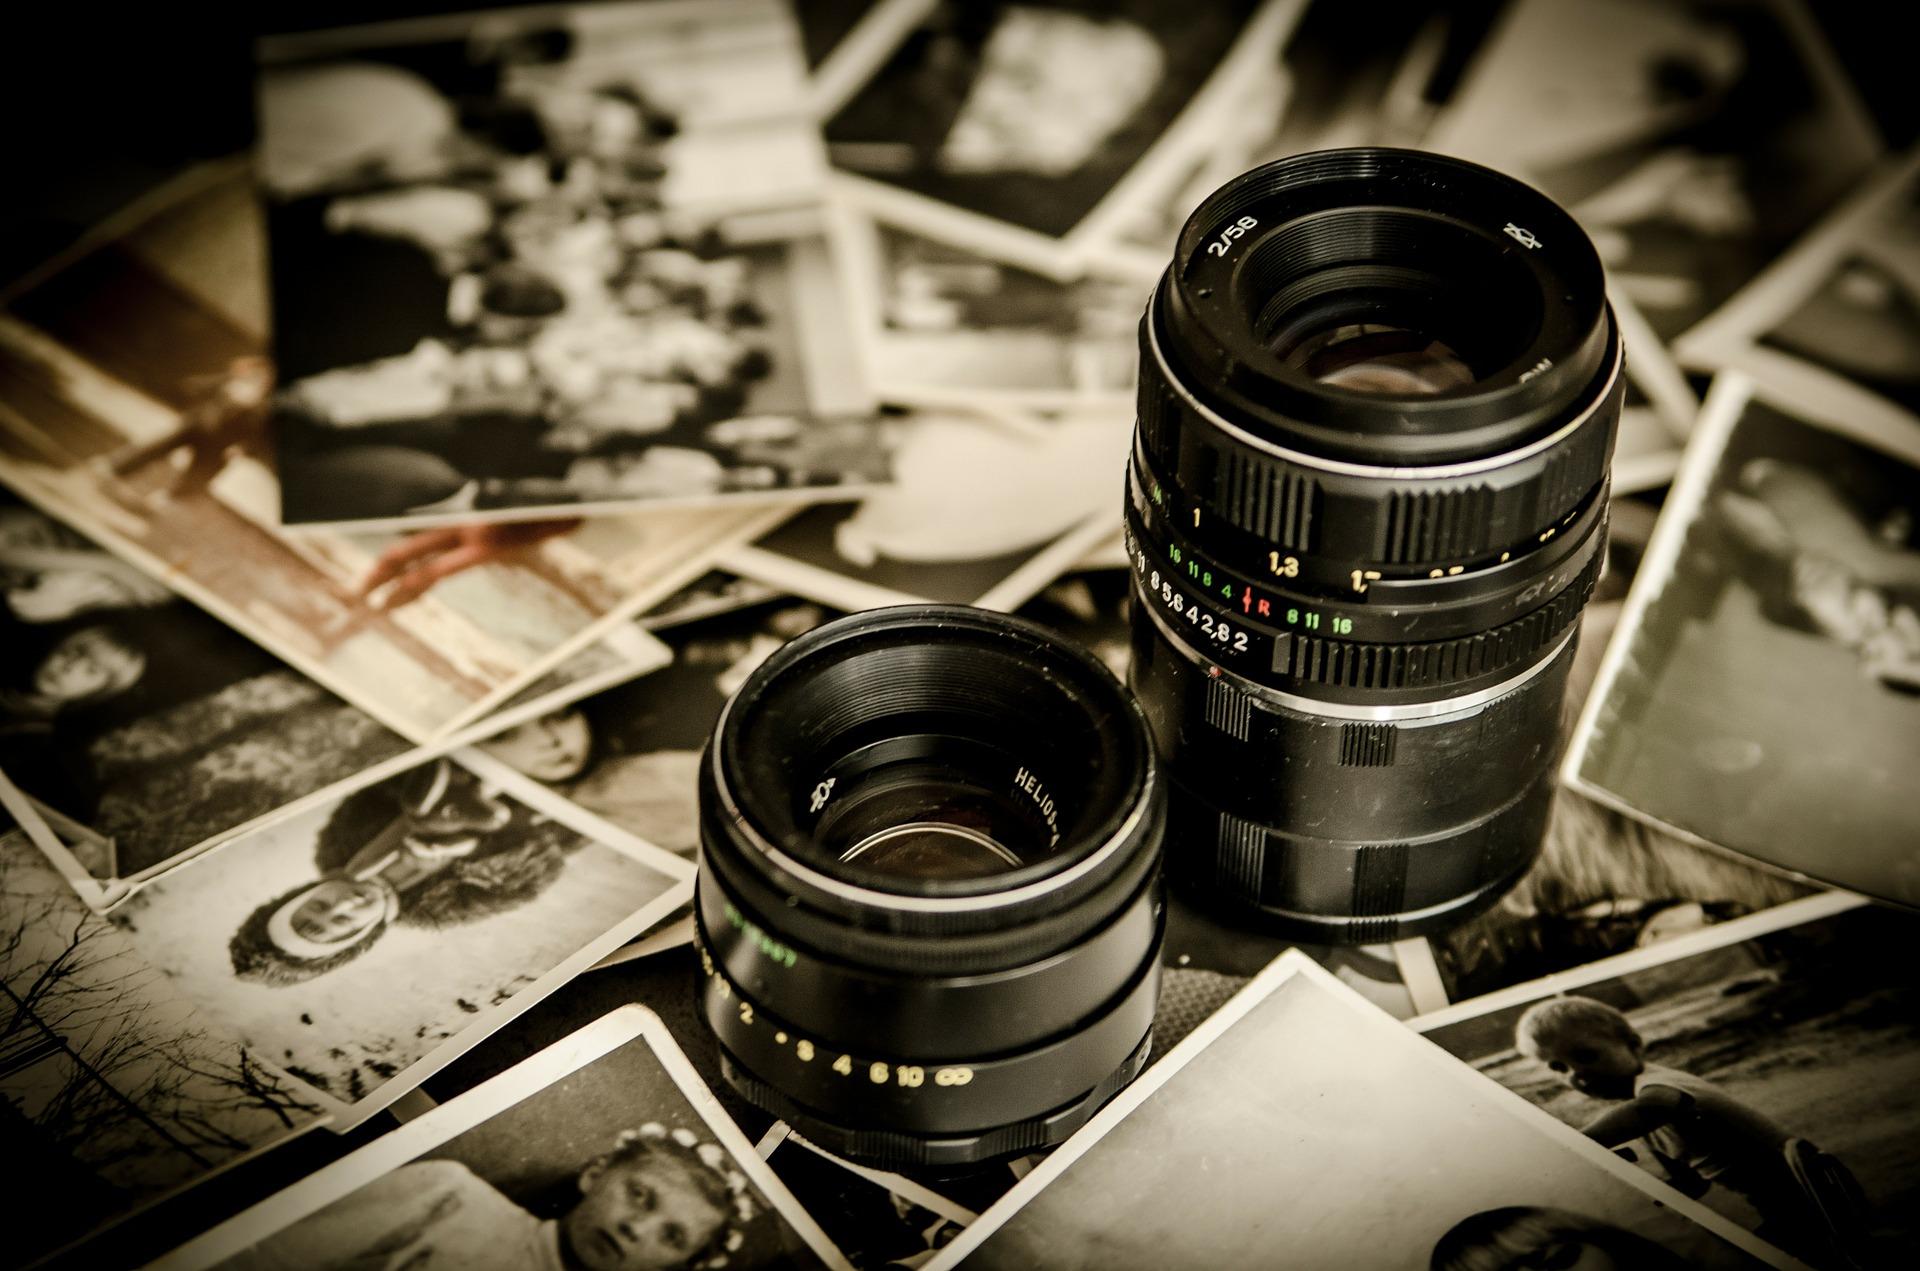 写真模写を絵やデッサンの上達に役立たせる3つの活用法を紹介します!